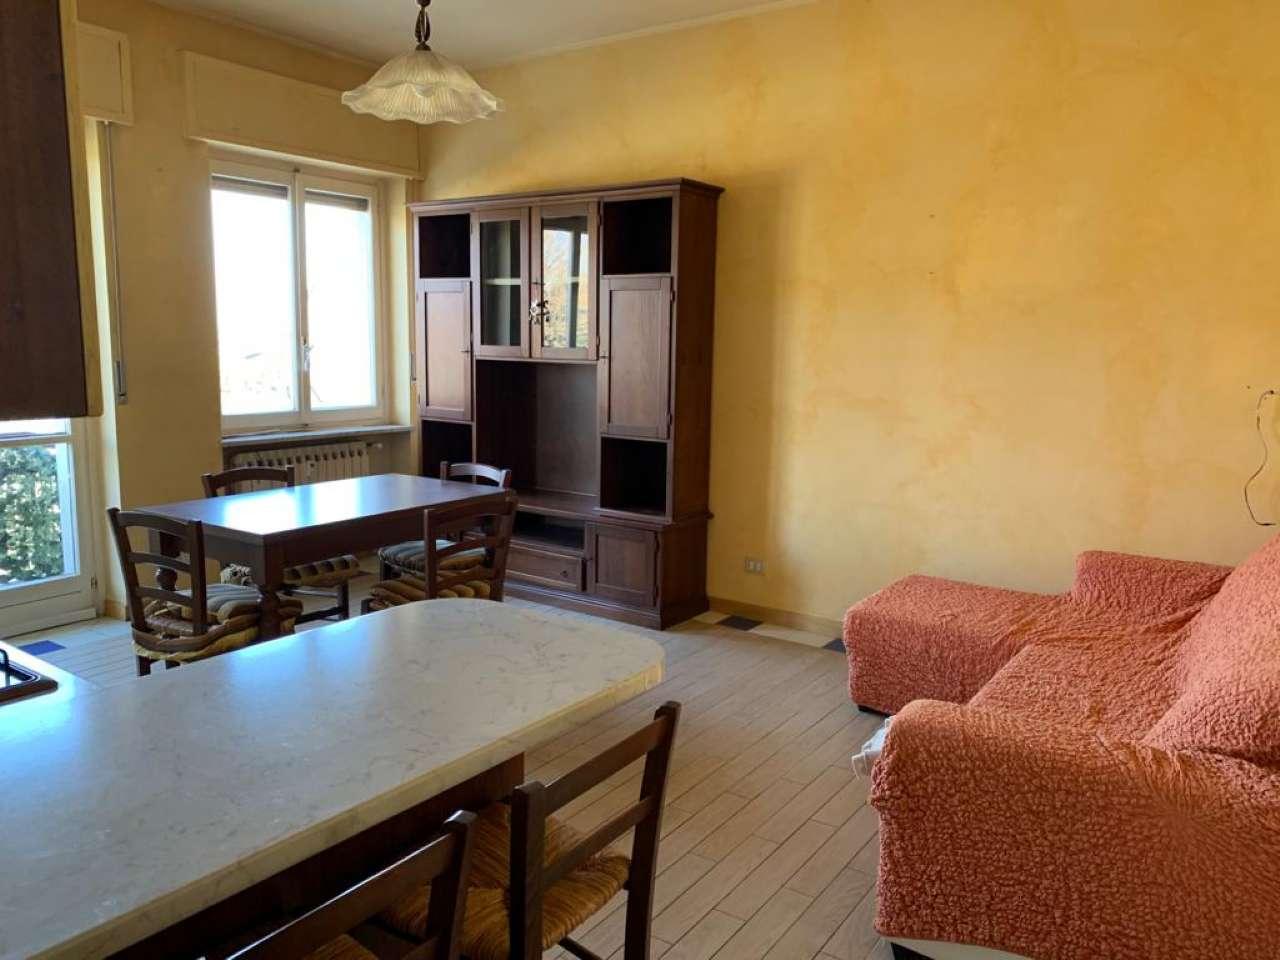 Appartamento in vendita a Cuneo, 2 locali, prezzo € 77.000 | CambioCasa.it